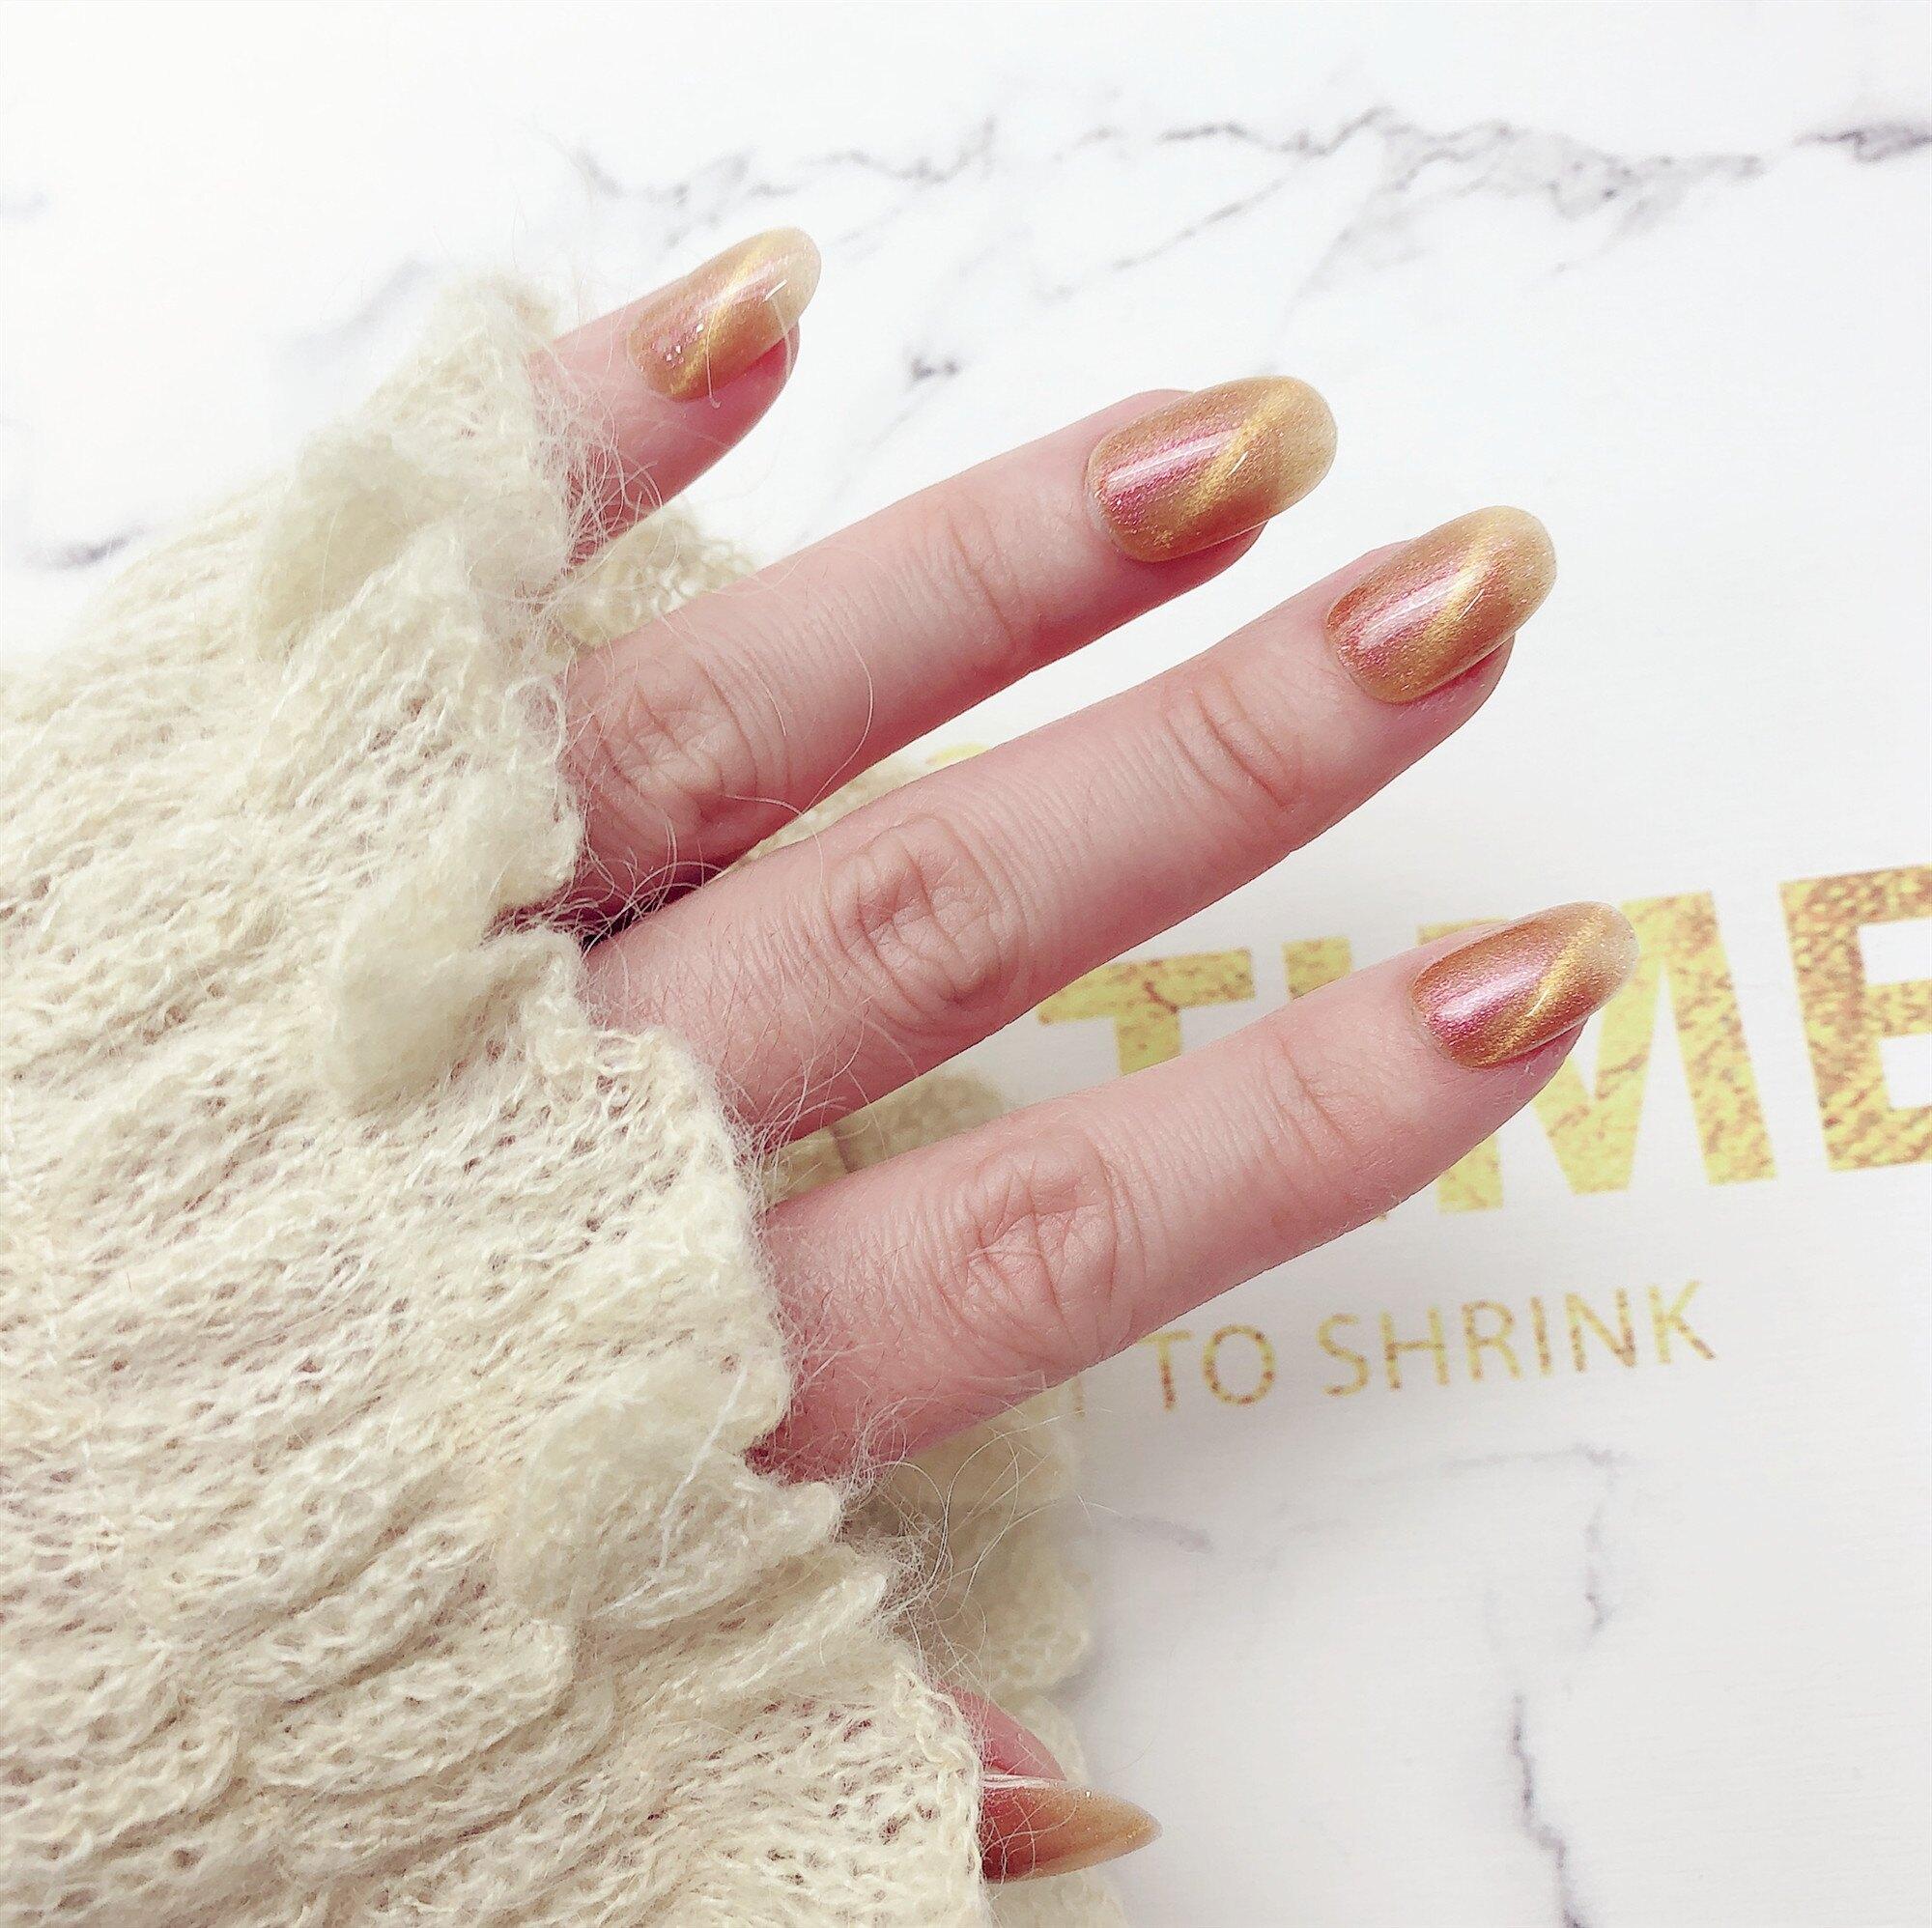 【台灣24H發貨】NWP0047  貓眼 秒貼甲片穿戴美甲成品新娘款甲片假指甲貼片美甲